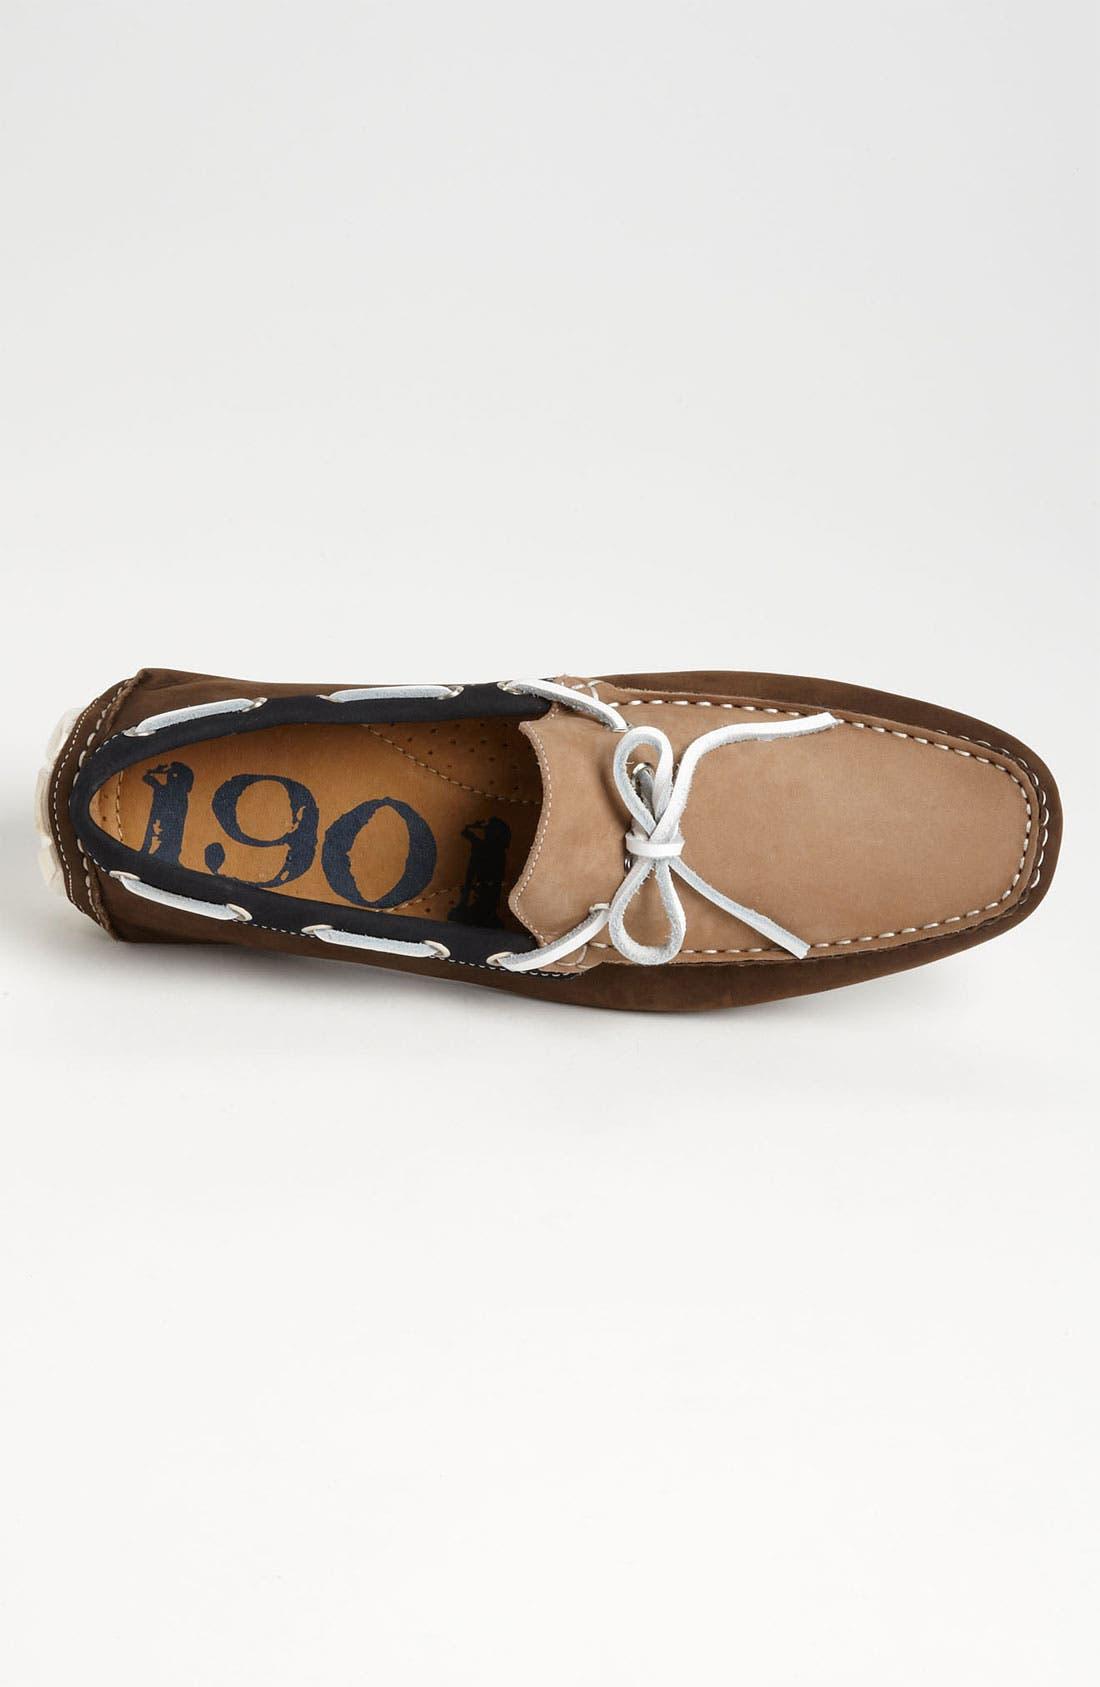 Alternate Image 3  - 1901 'Barbados' Driving Shoe (Men)